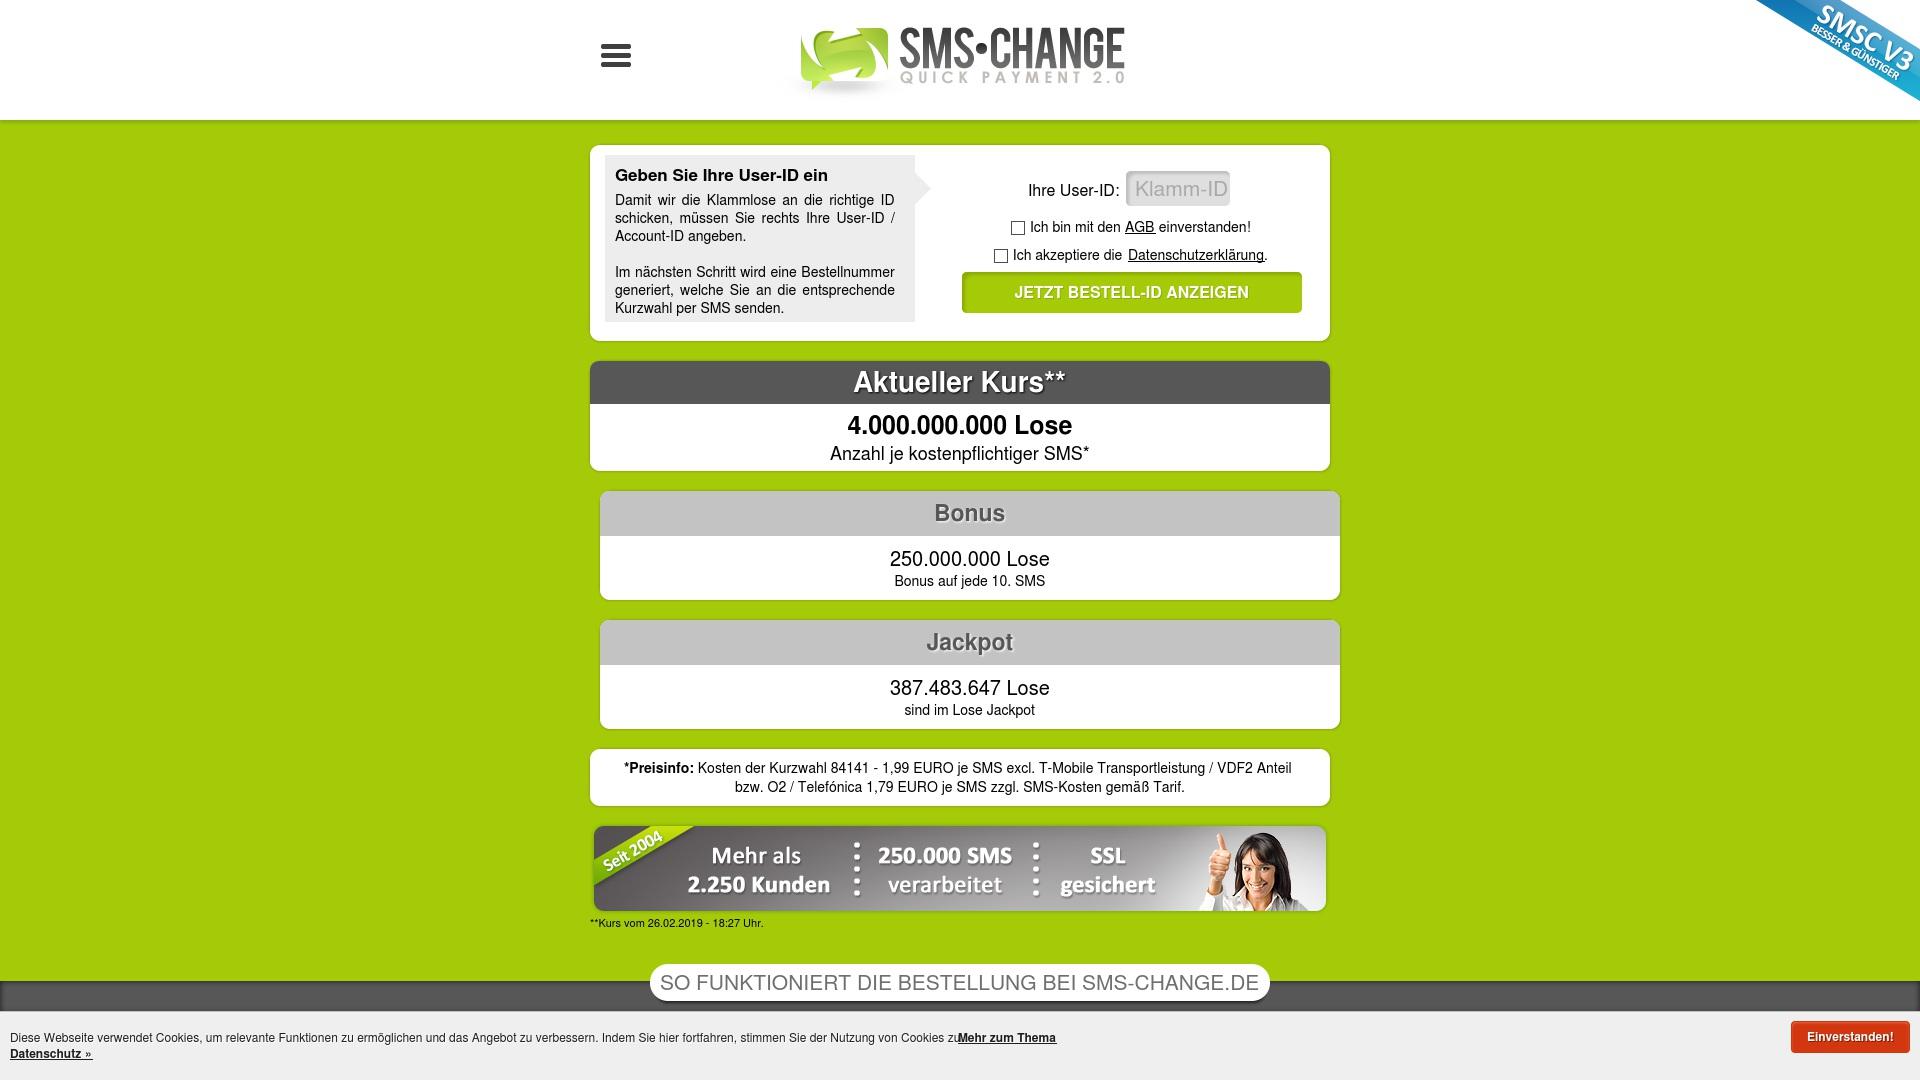 Gutschein für Sms-change: Rabatte für  Sms-change sichern